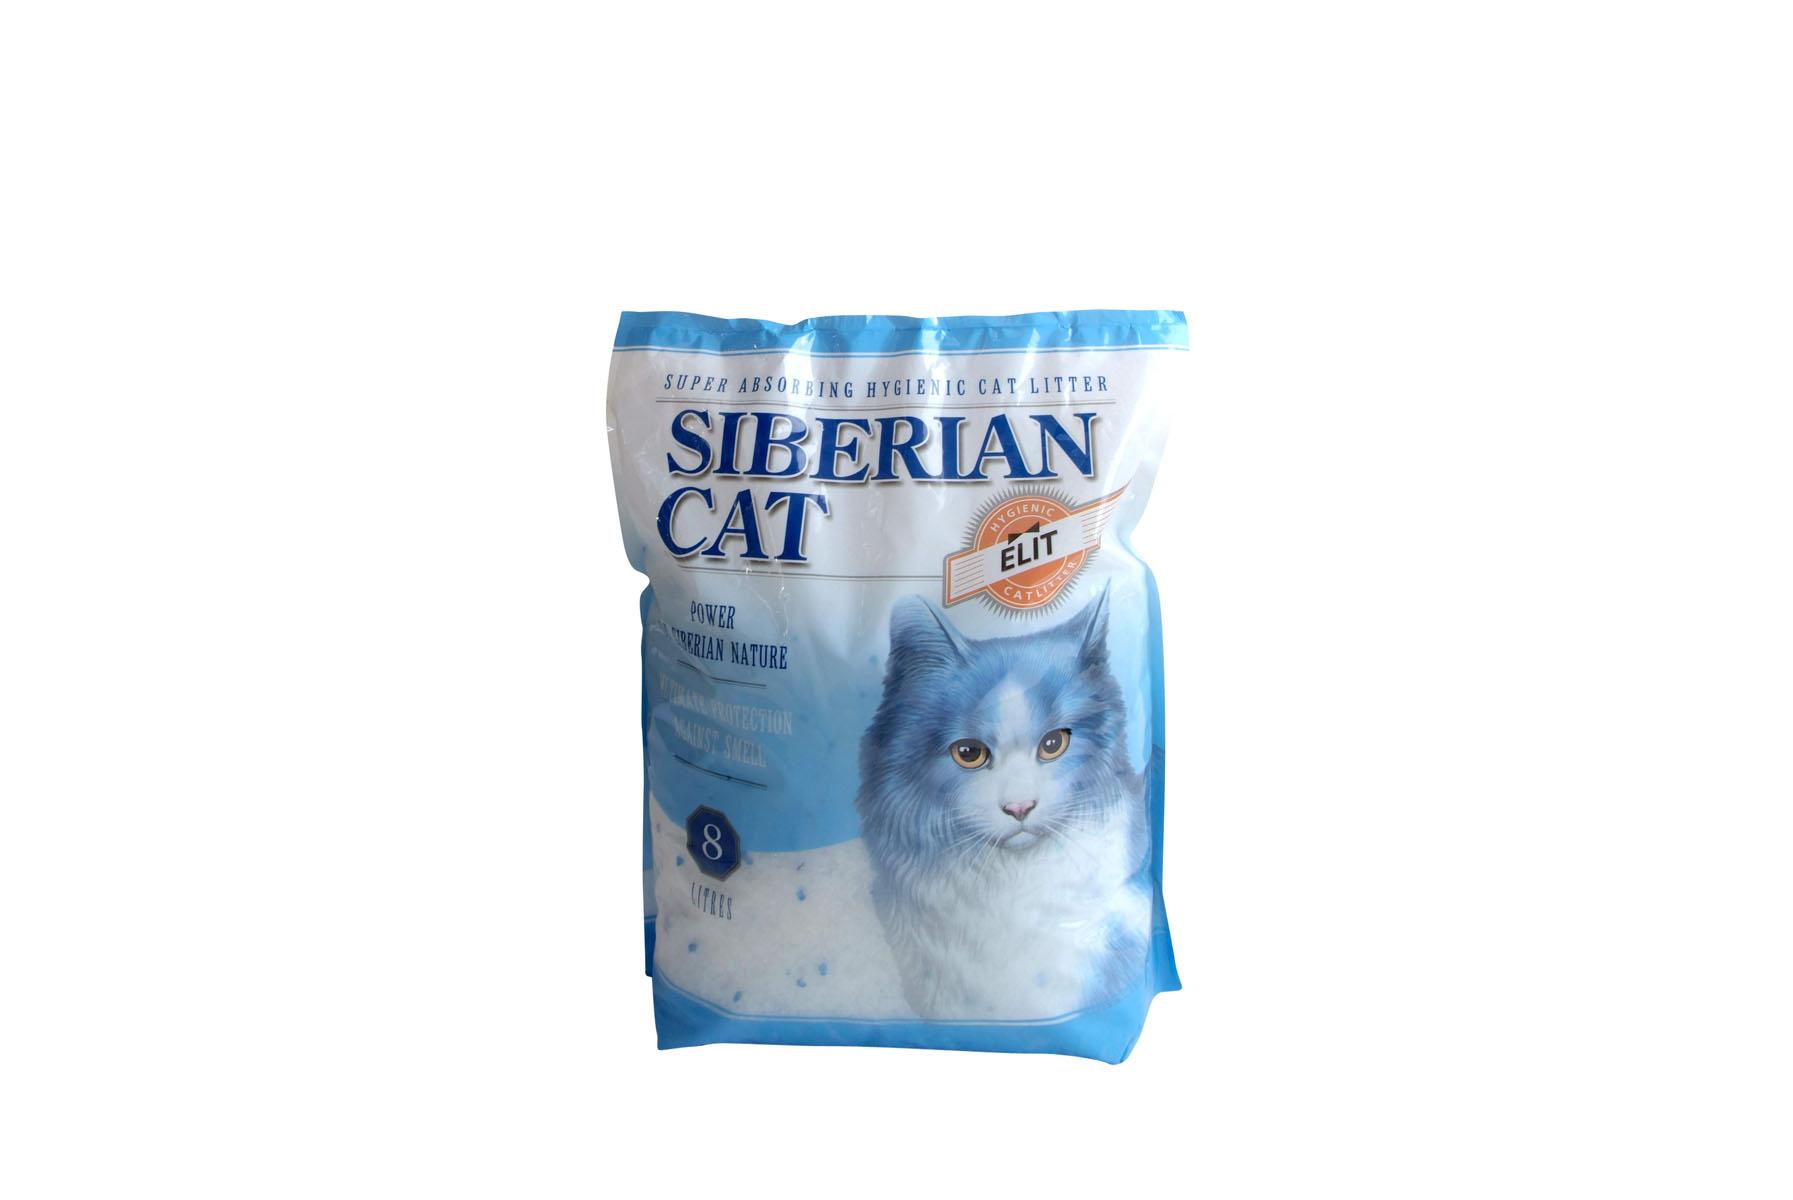 Наполнитель для кошачьих туалетов Сибирская кошка Элитный, силикагелевый, 8 л наполнитель для кошачьих туалетов кошкин секрет древесный 2 5 кг